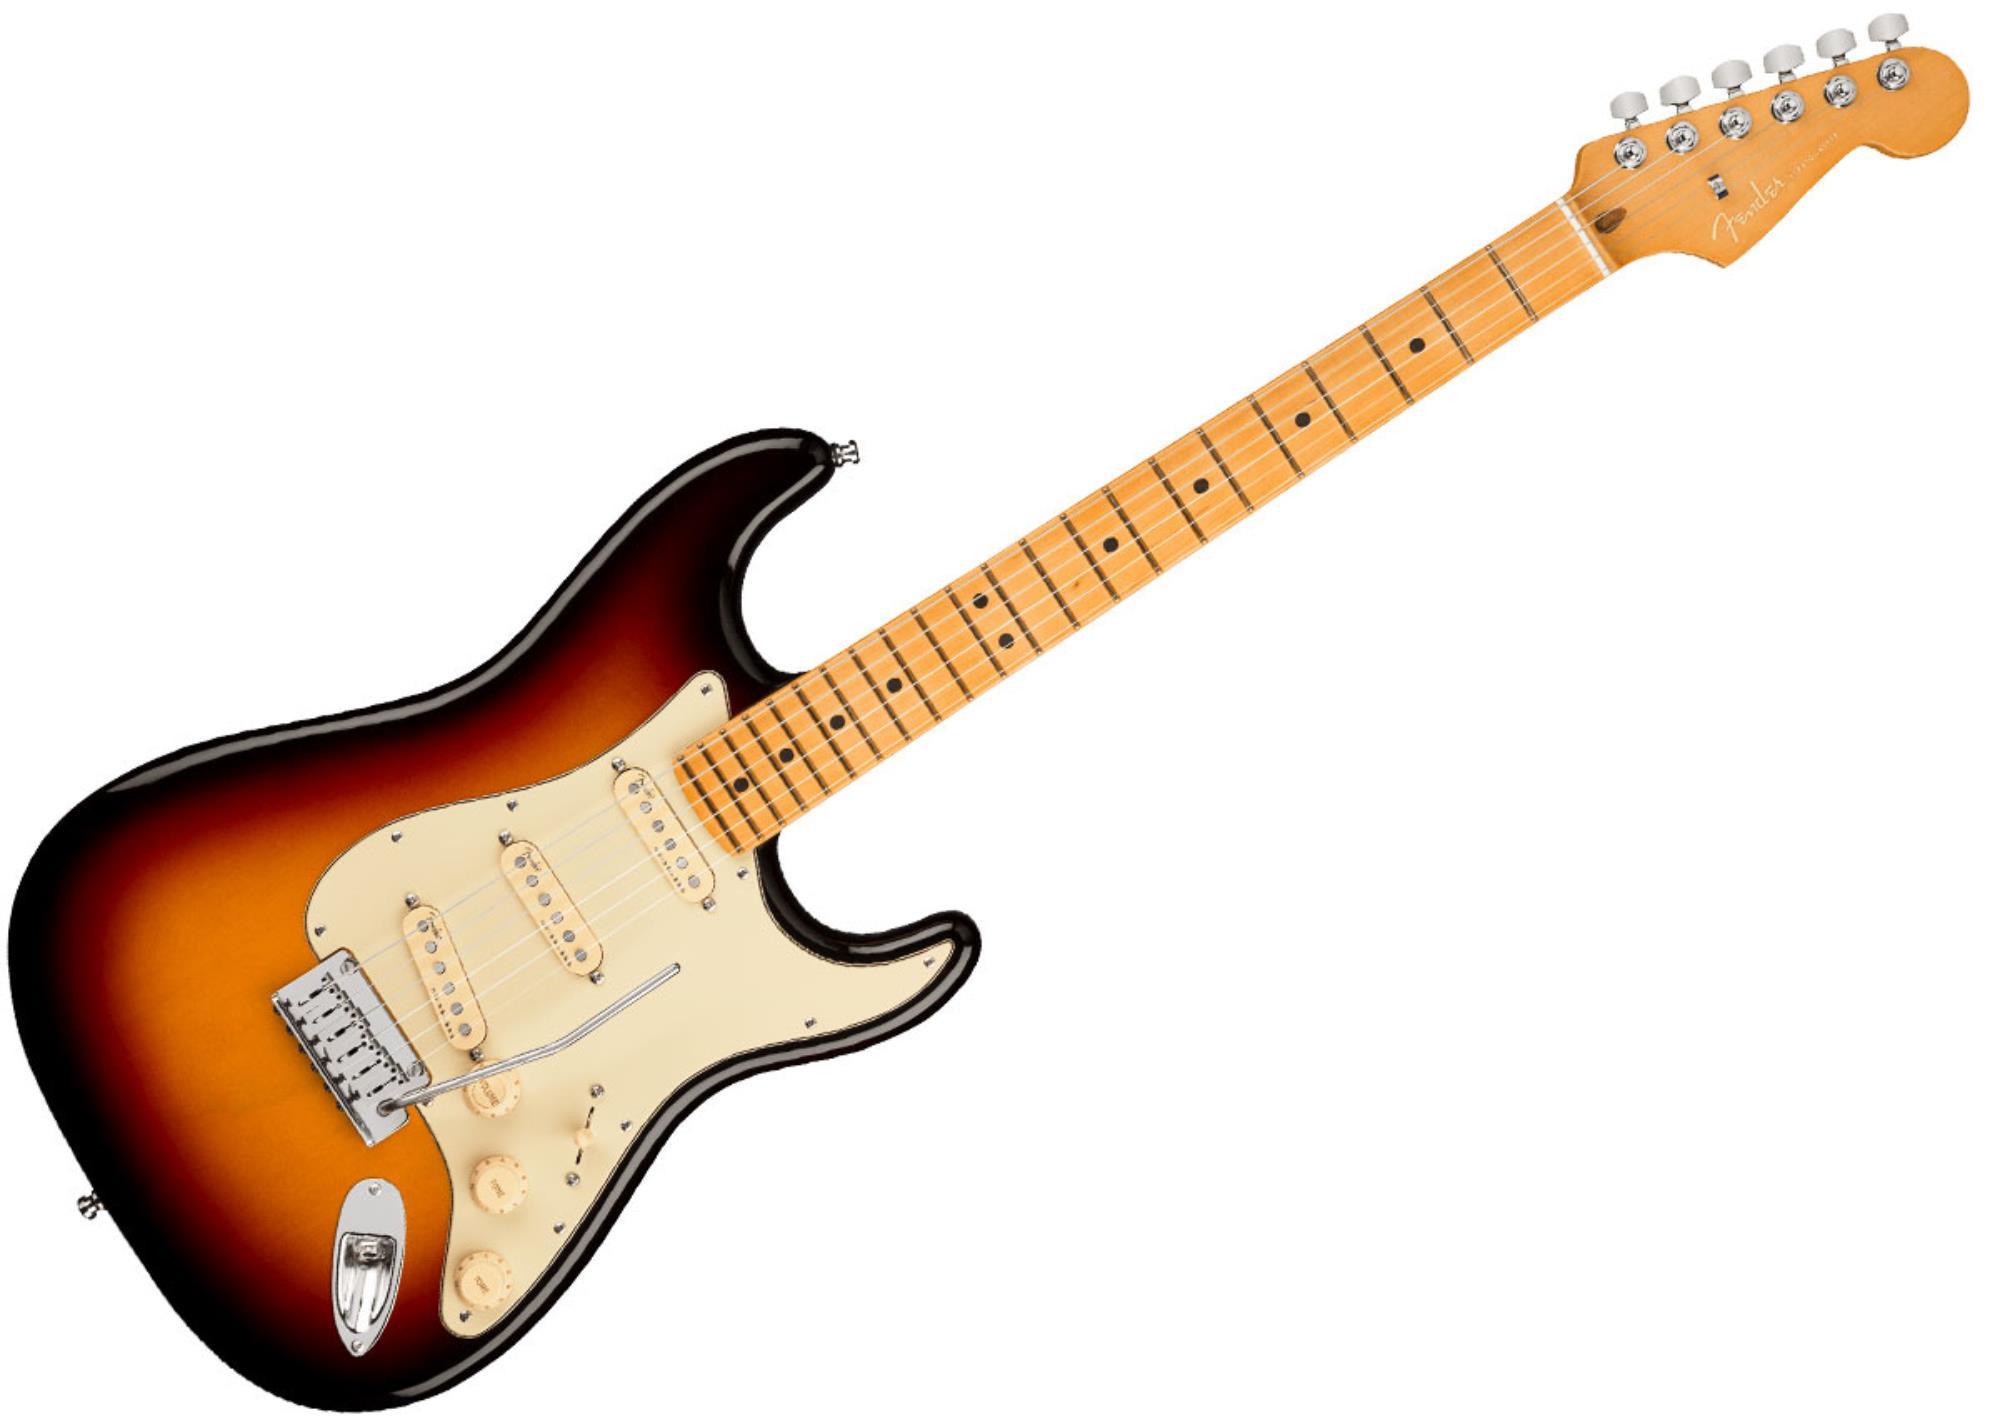 FENDER American Ultra Stratocaster MN Ultraburst  0118012712